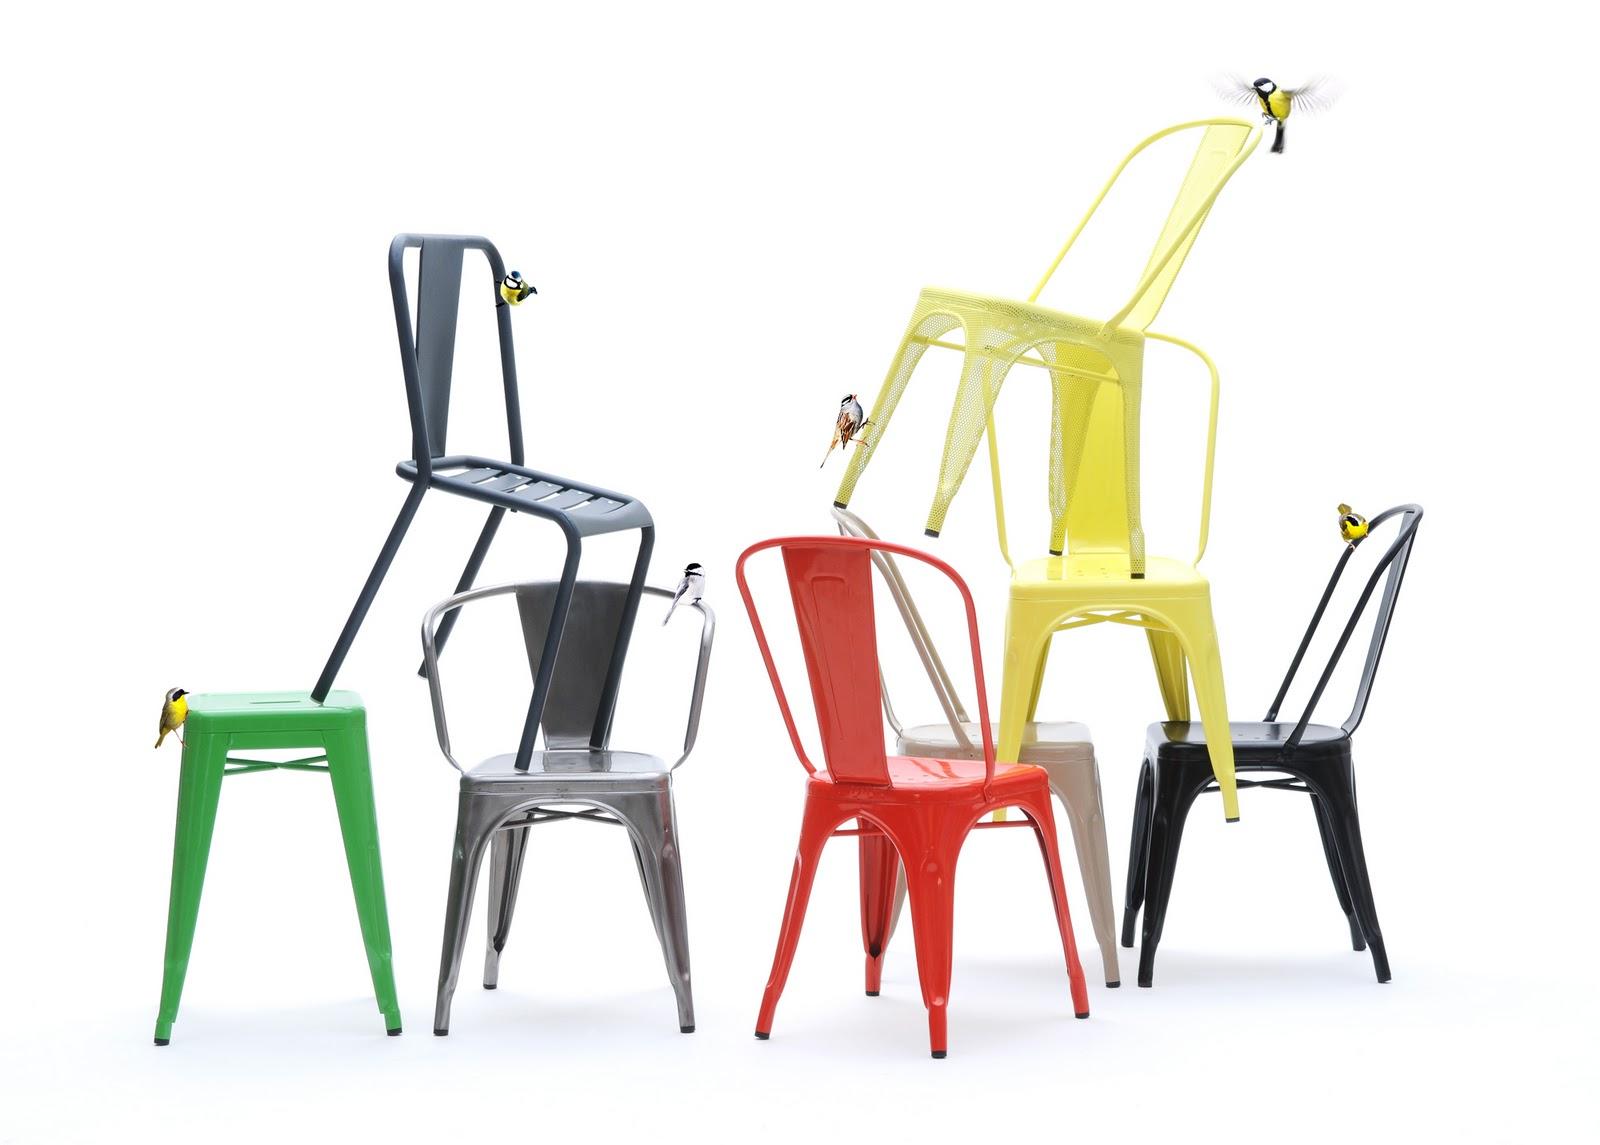 Tolix muebles franceses ligeros y duraderos desde 1927 for Muebles franceses